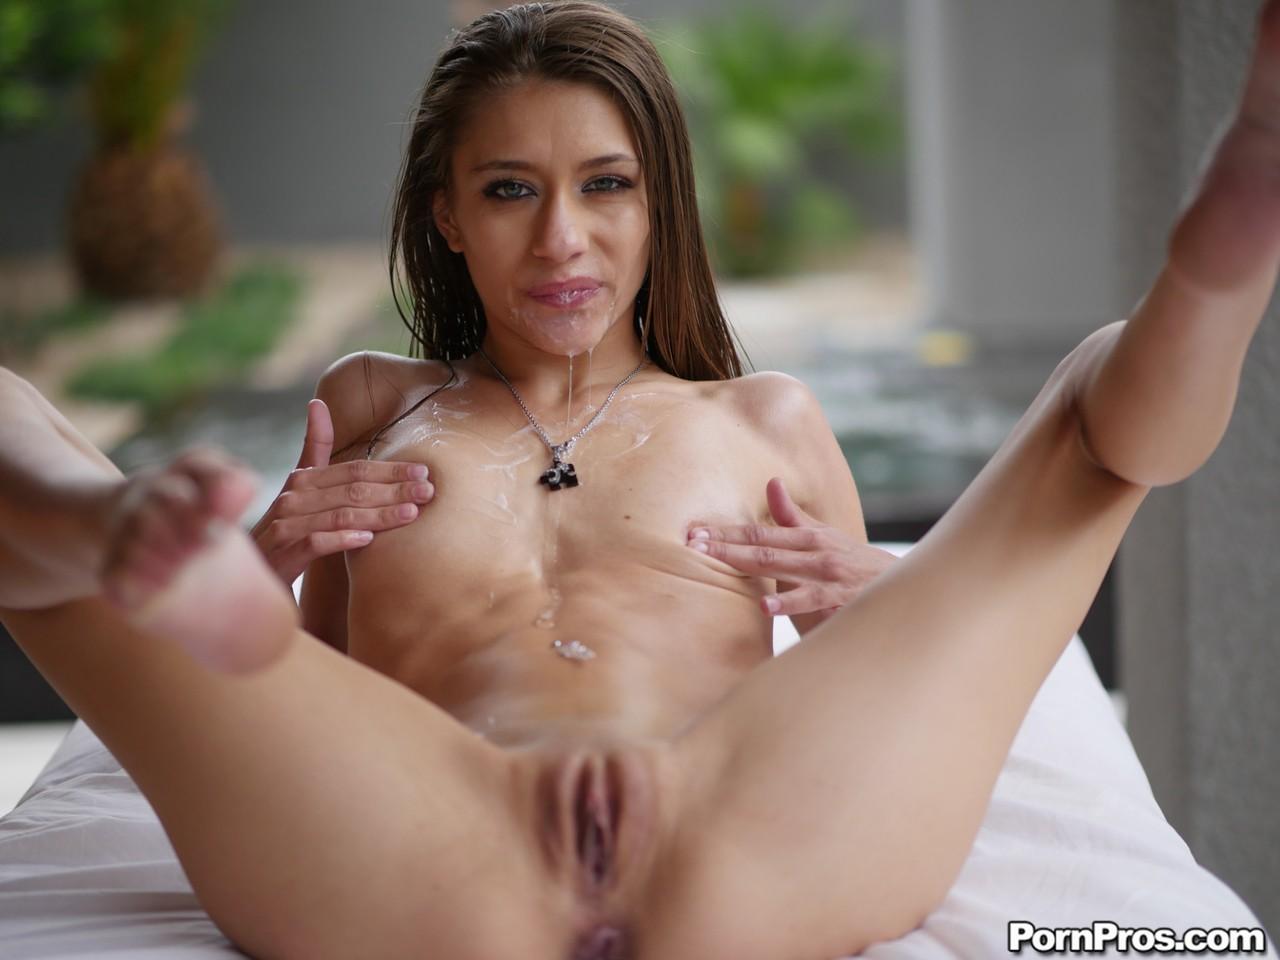 Anal sex porn photos. Gallery - 645. Photo - 20